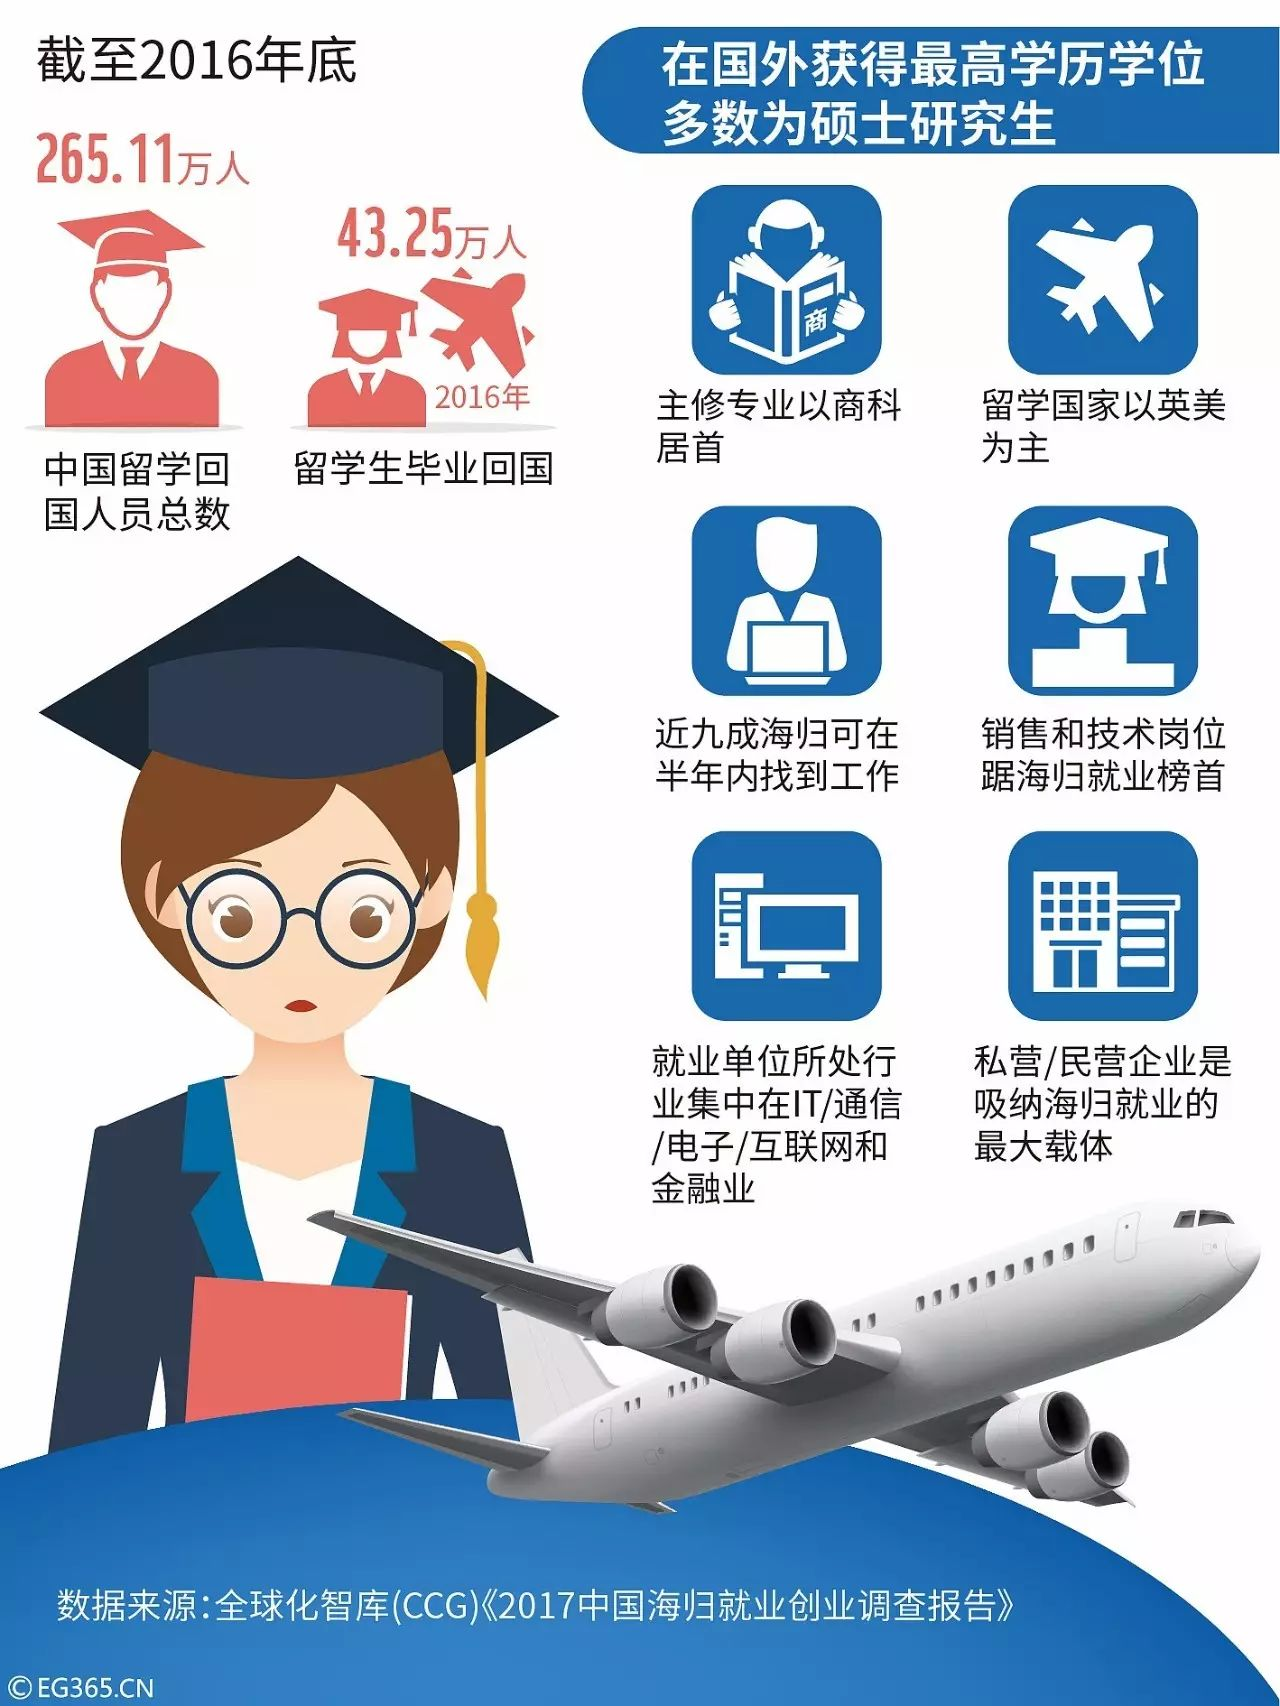 学成后他们选择归国 这些政策让中国迎来海归潮